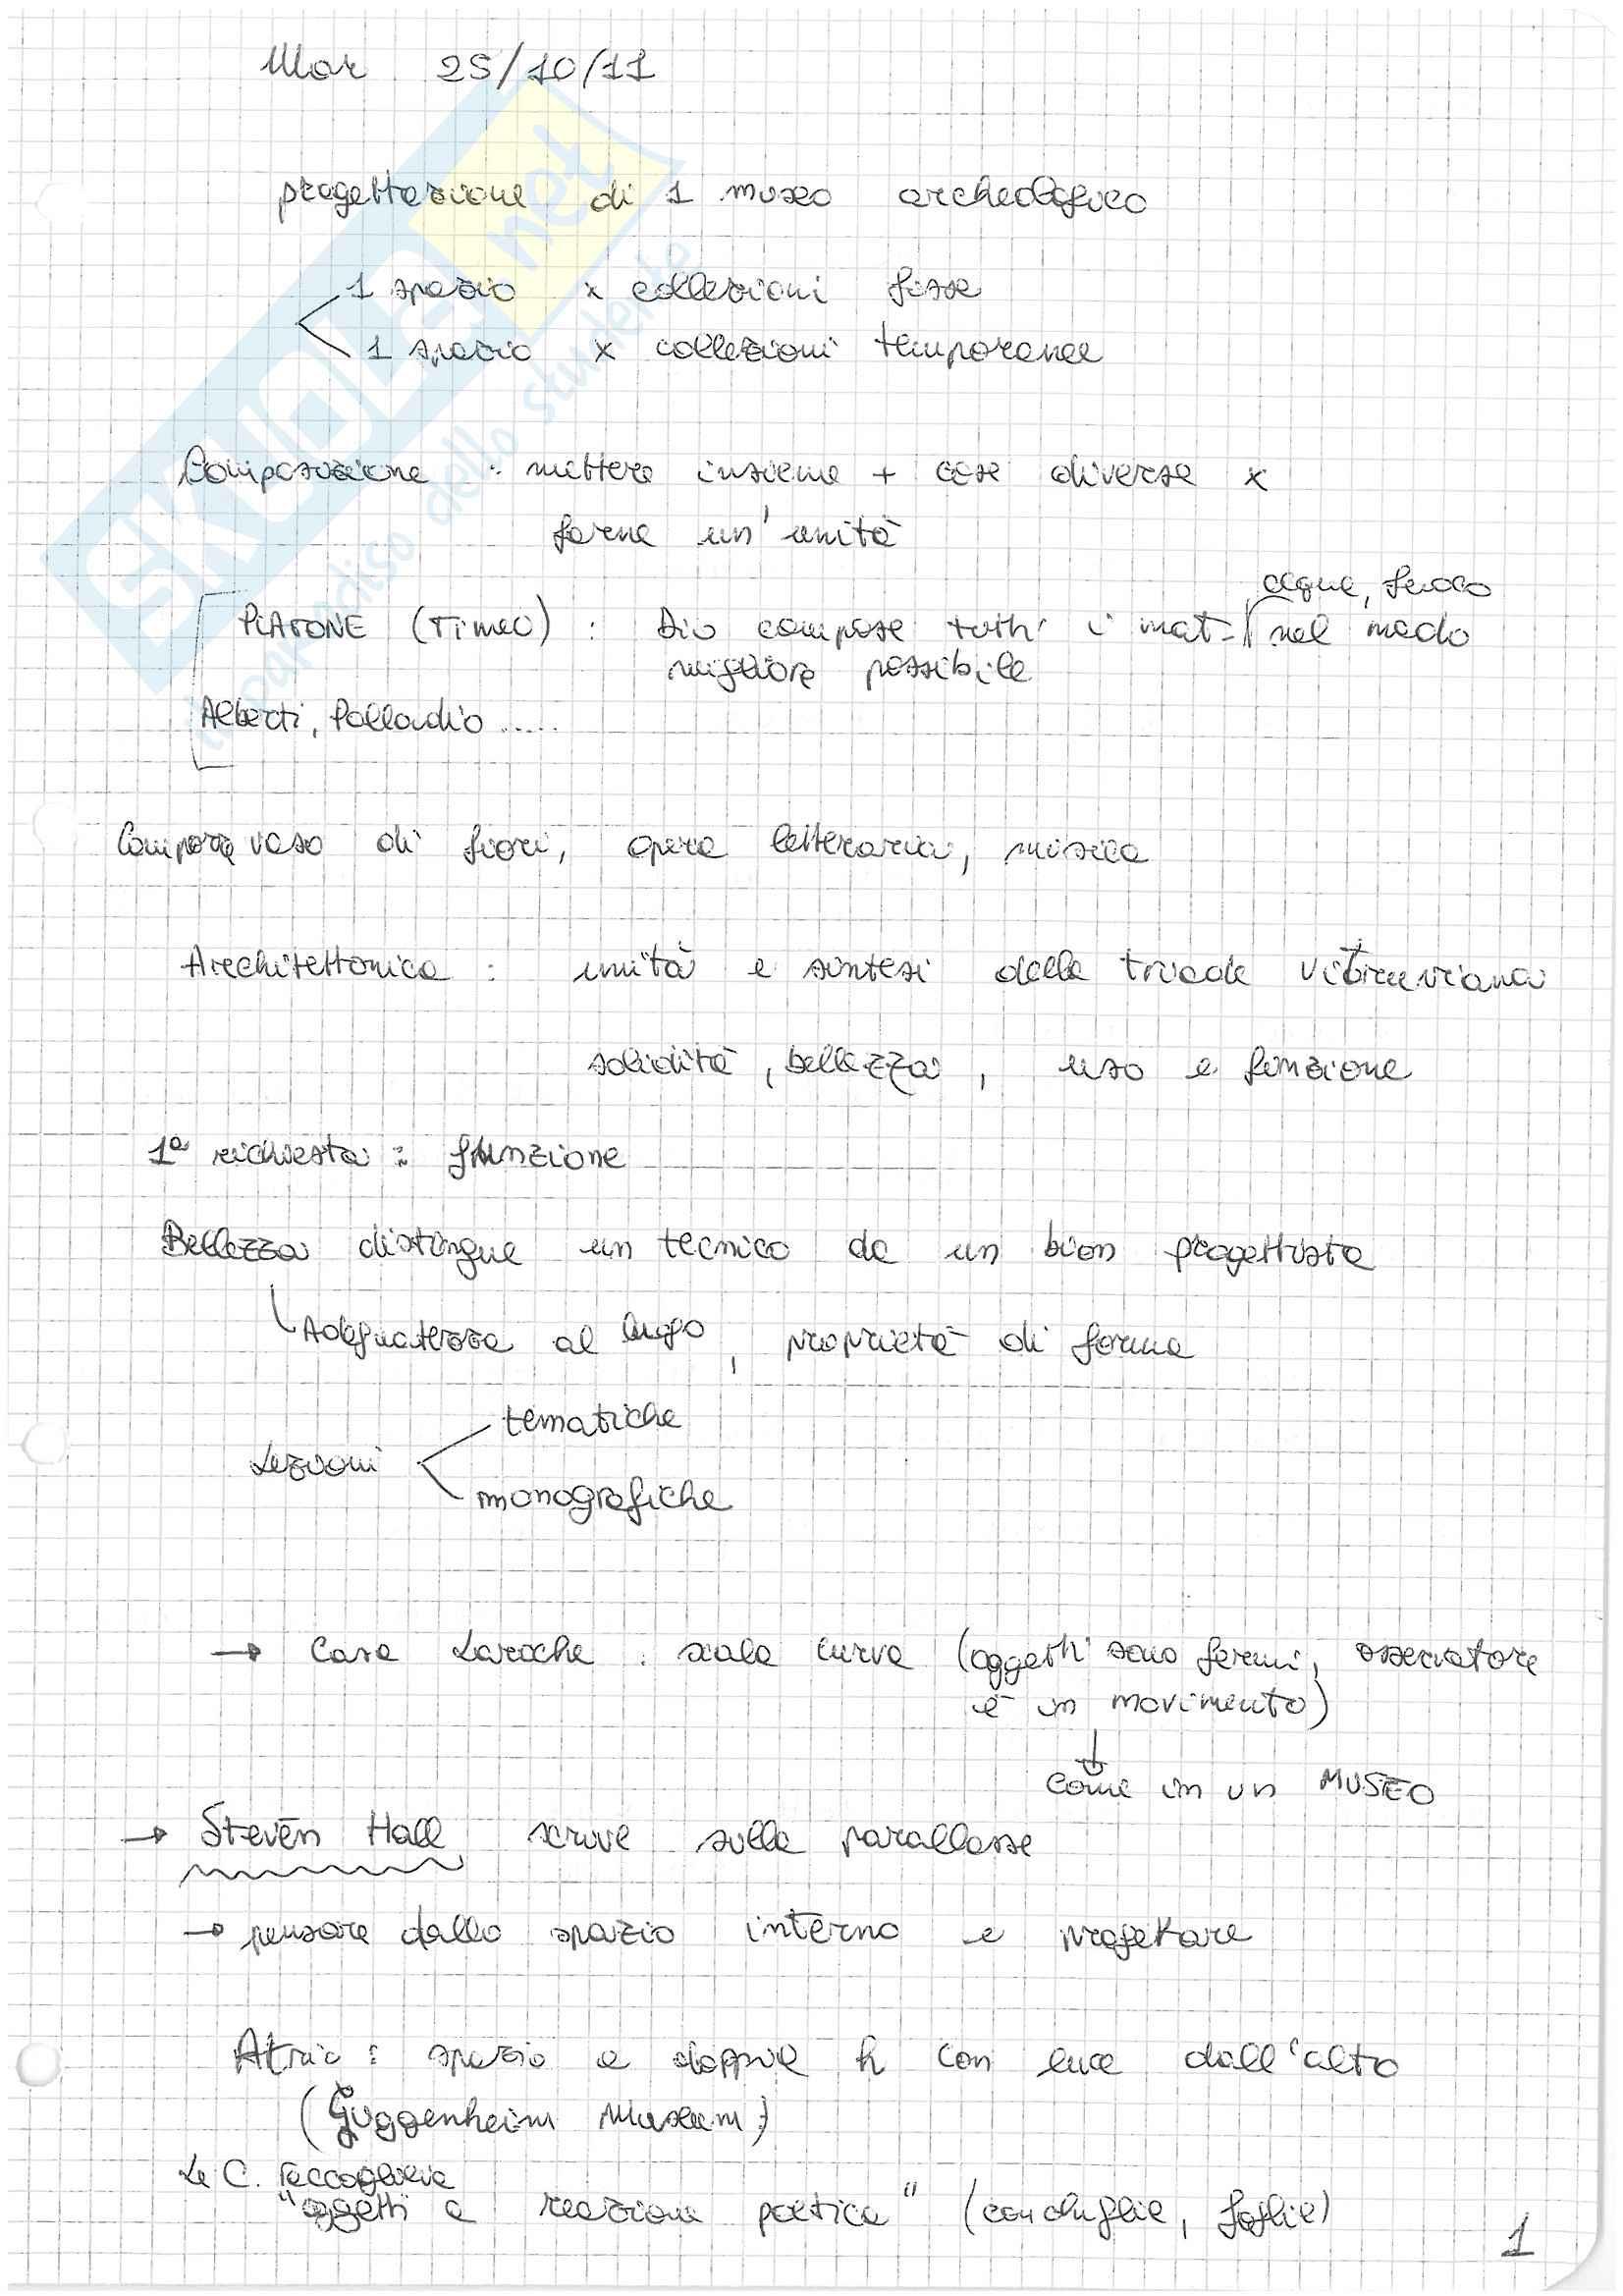 (1/2) Appunti presi a lezione di Architettura e Composizione Architettonica 2 con laboratorio progettuale, Docente: Maria Argenti